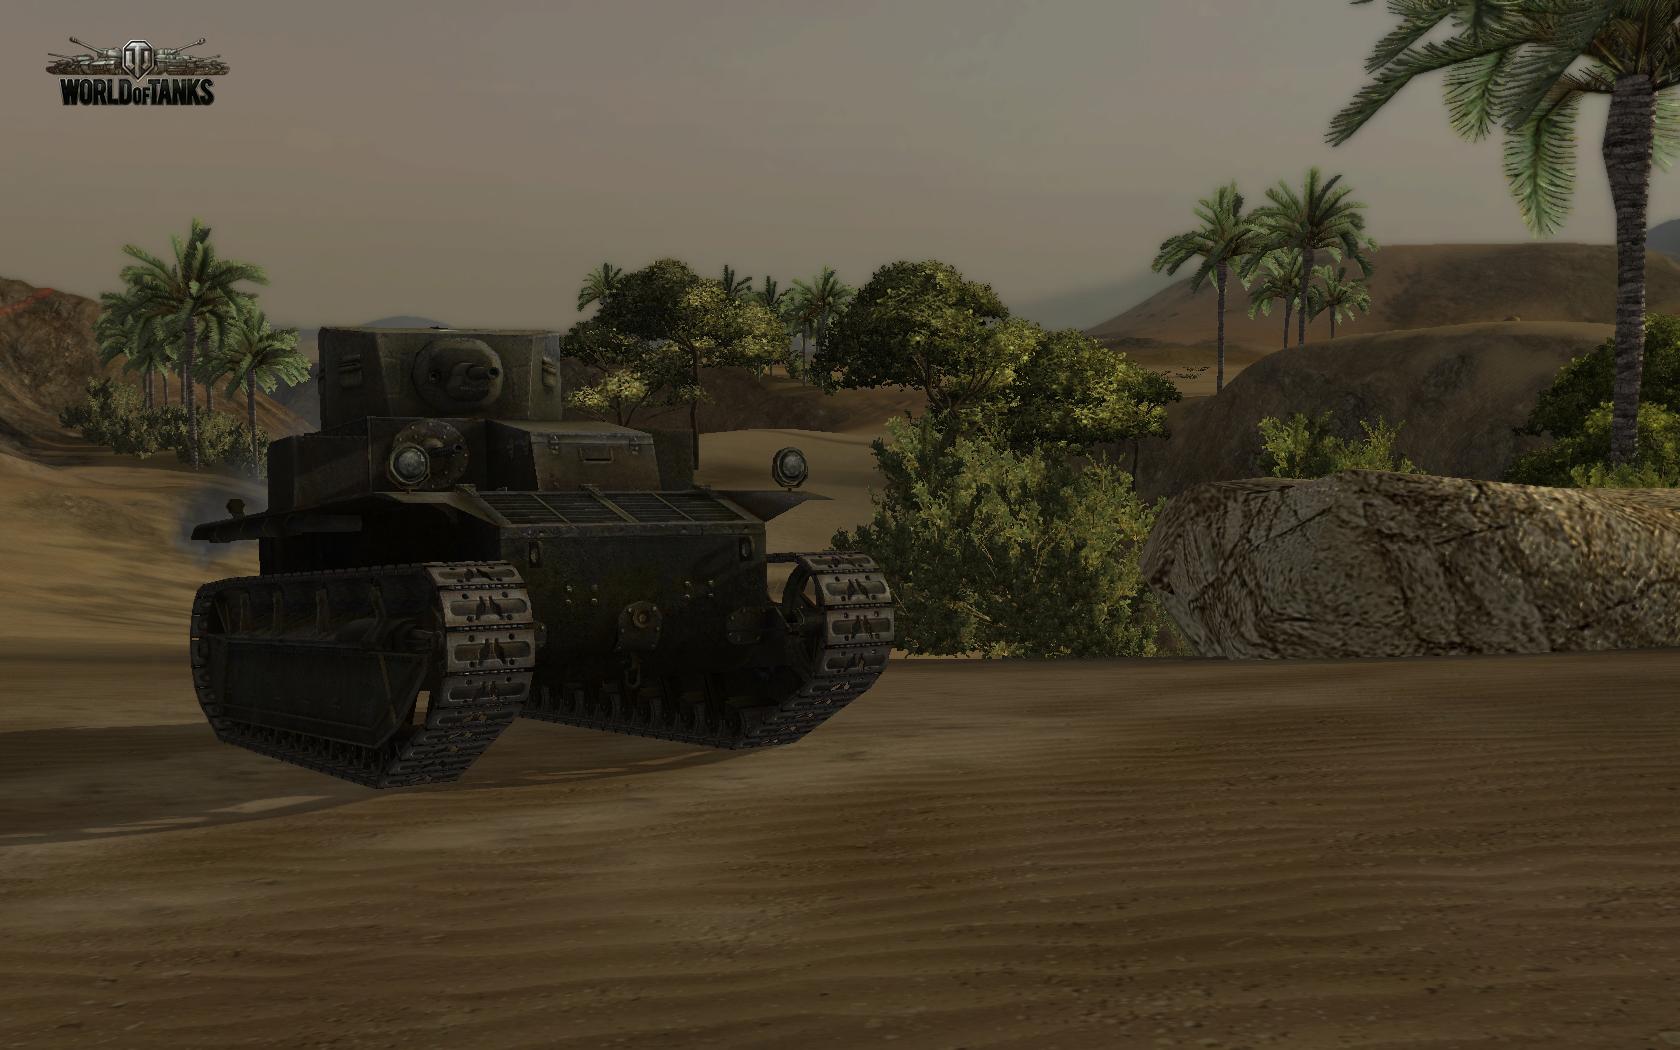 Klicke auf die Grafik für eine größere AnsichtName:World of Tanks 33.jpgHits:61Größe:992,1 KBID:1241